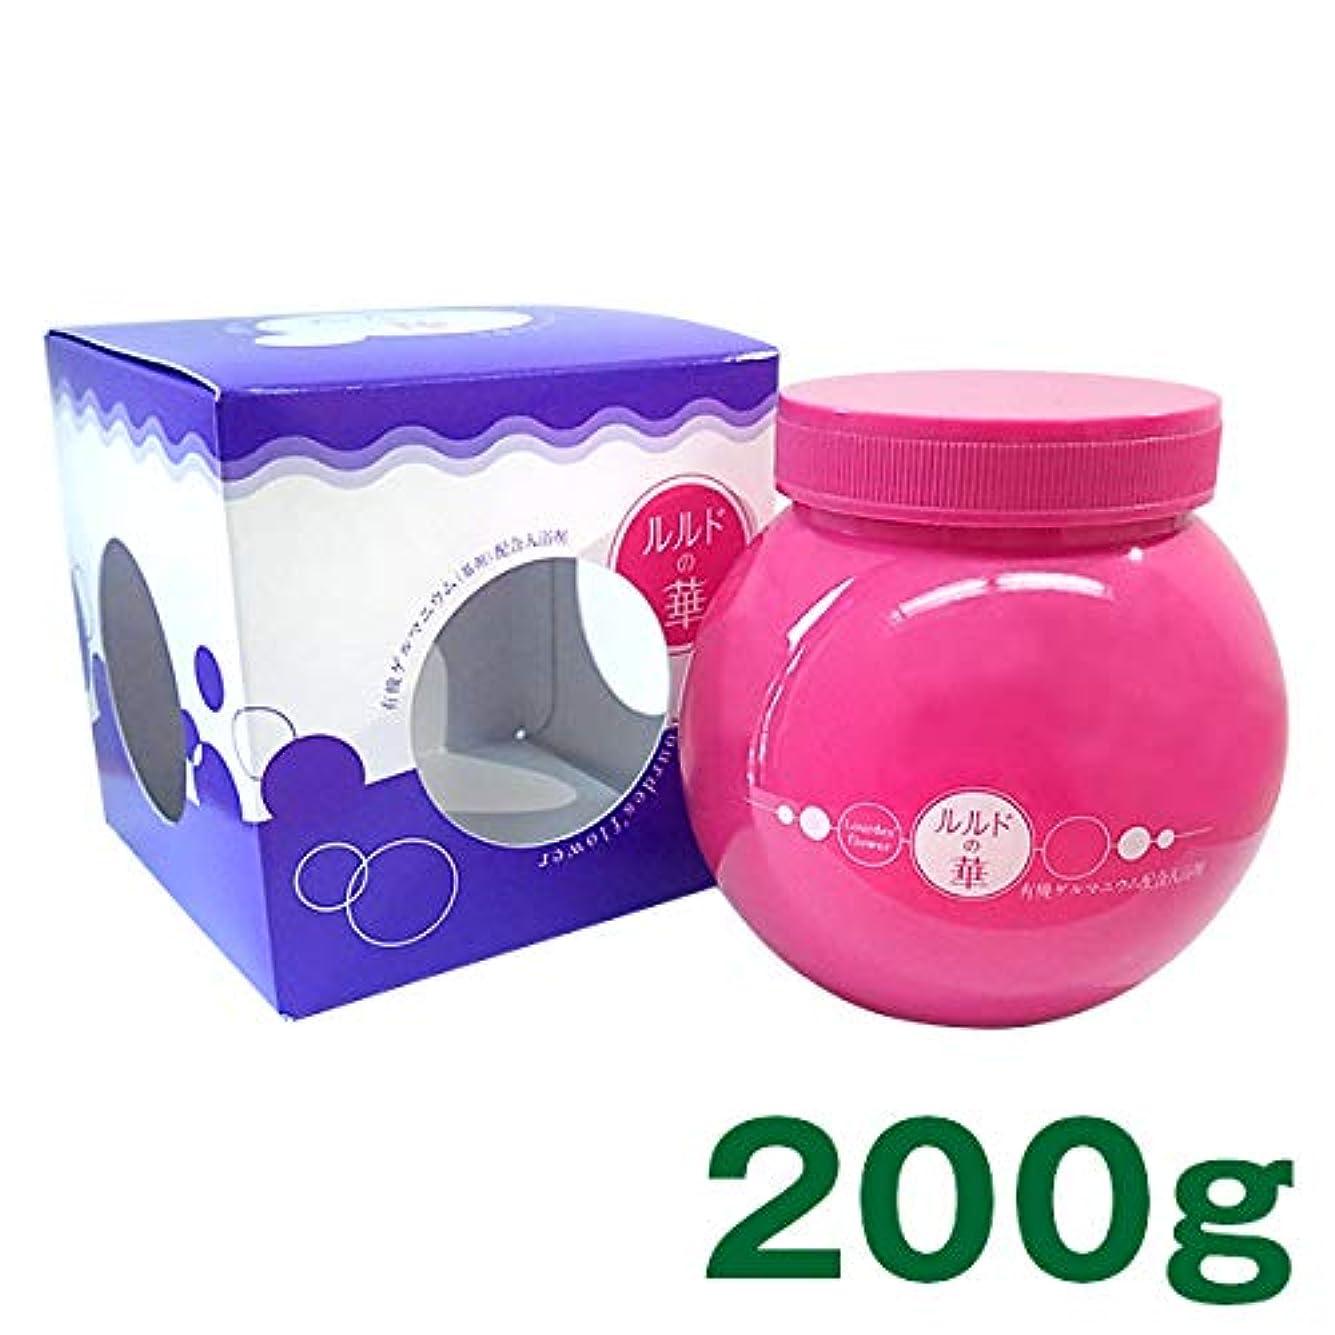 ローマ人病教義有機ゲルマニウム8.0%配合入浴剤【ルルドの華(ボトル)】200g